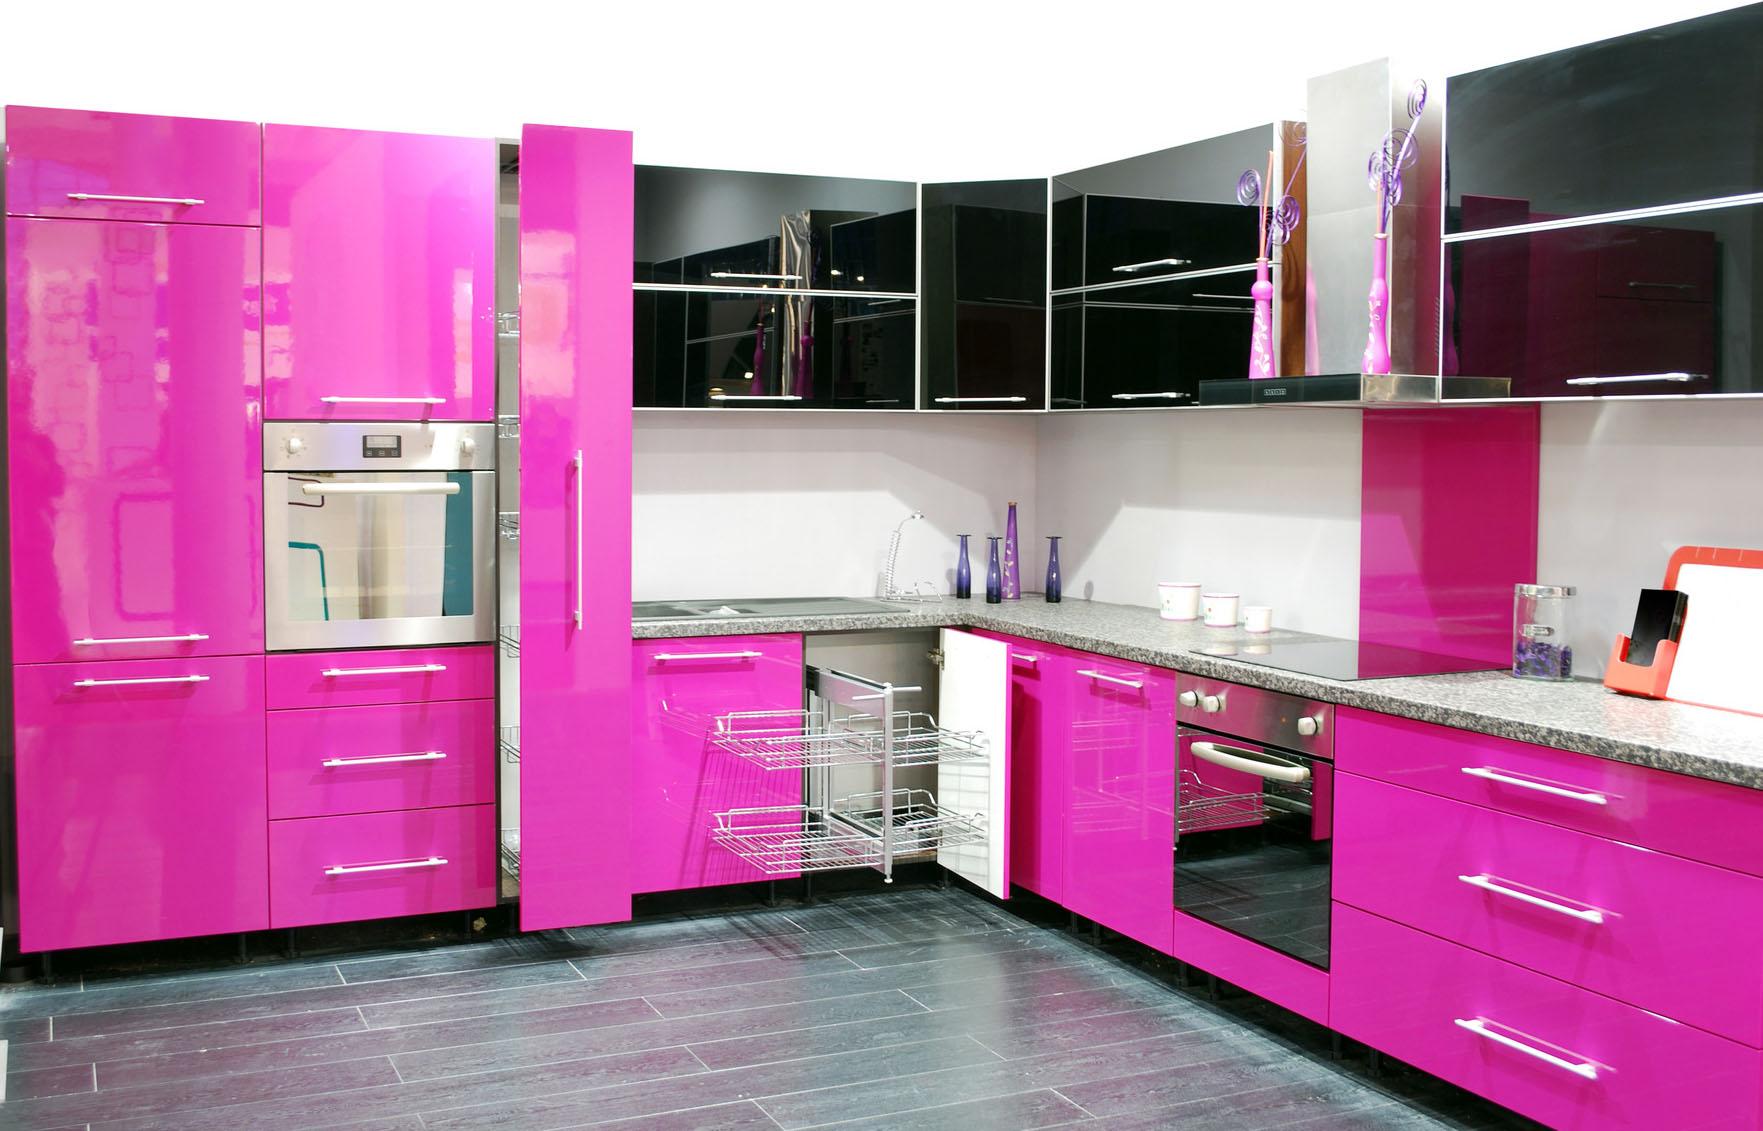 Яркий розовый, черный и белый цвета на кухне